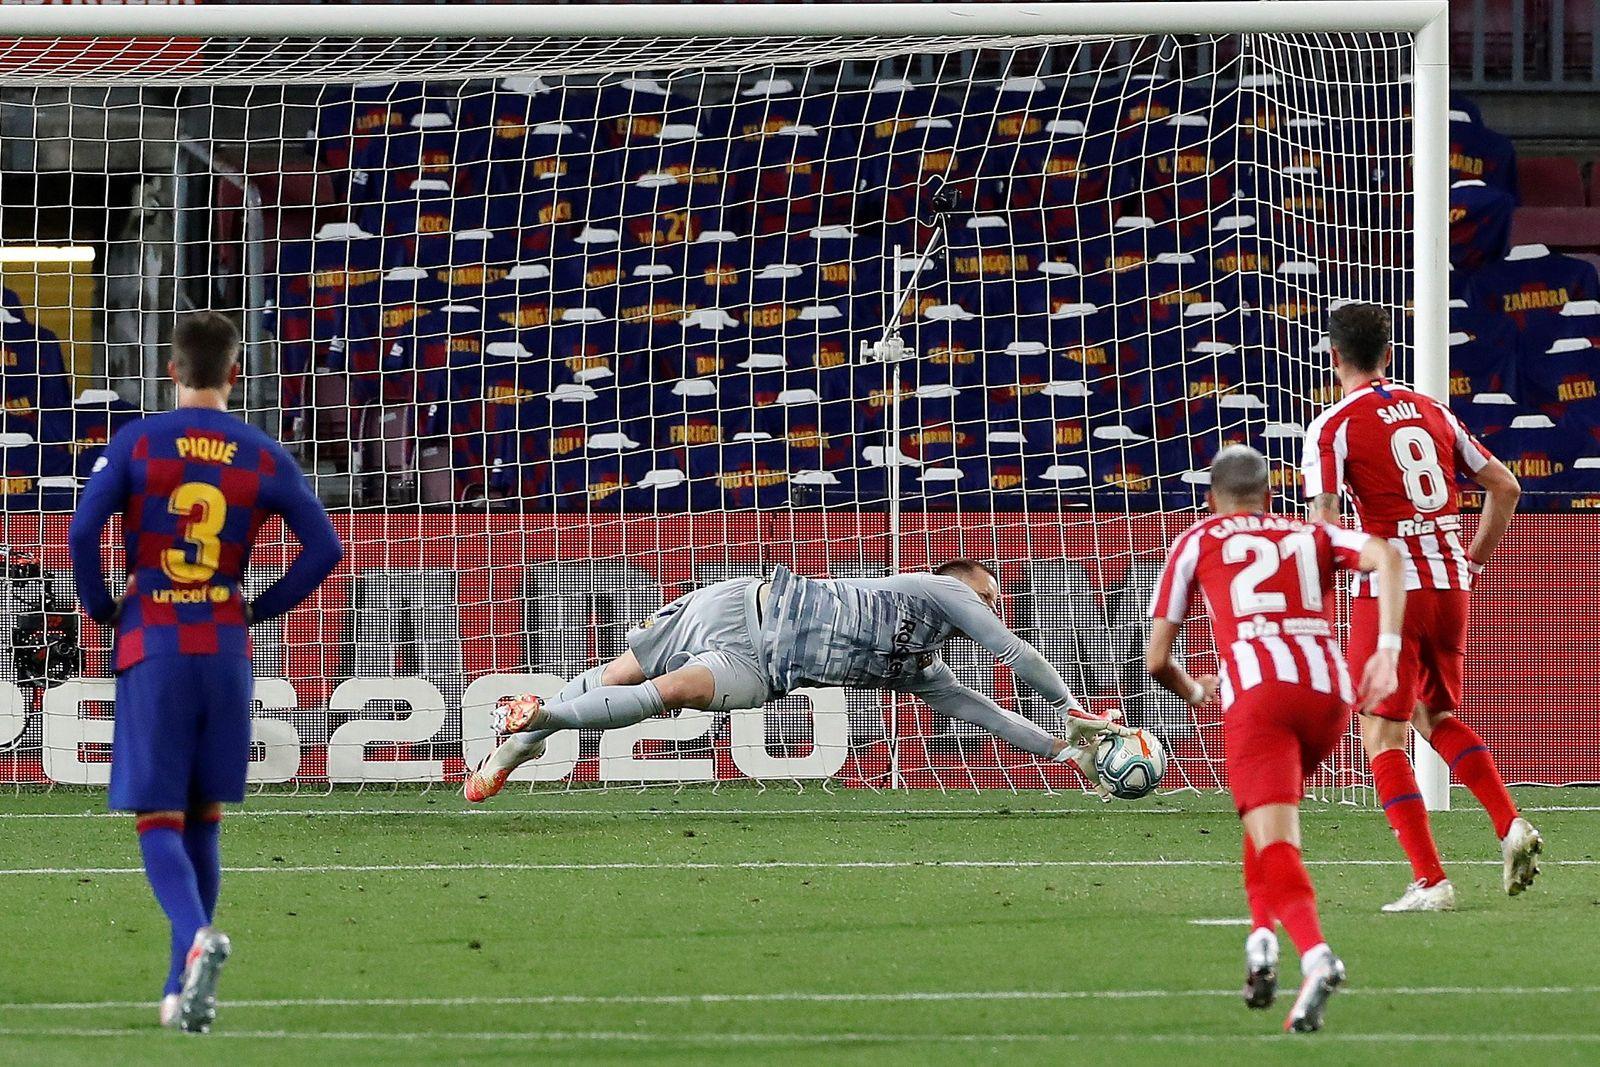 FC Barcelona vs Atletico Madrid, Spain - 30 Jun 2020